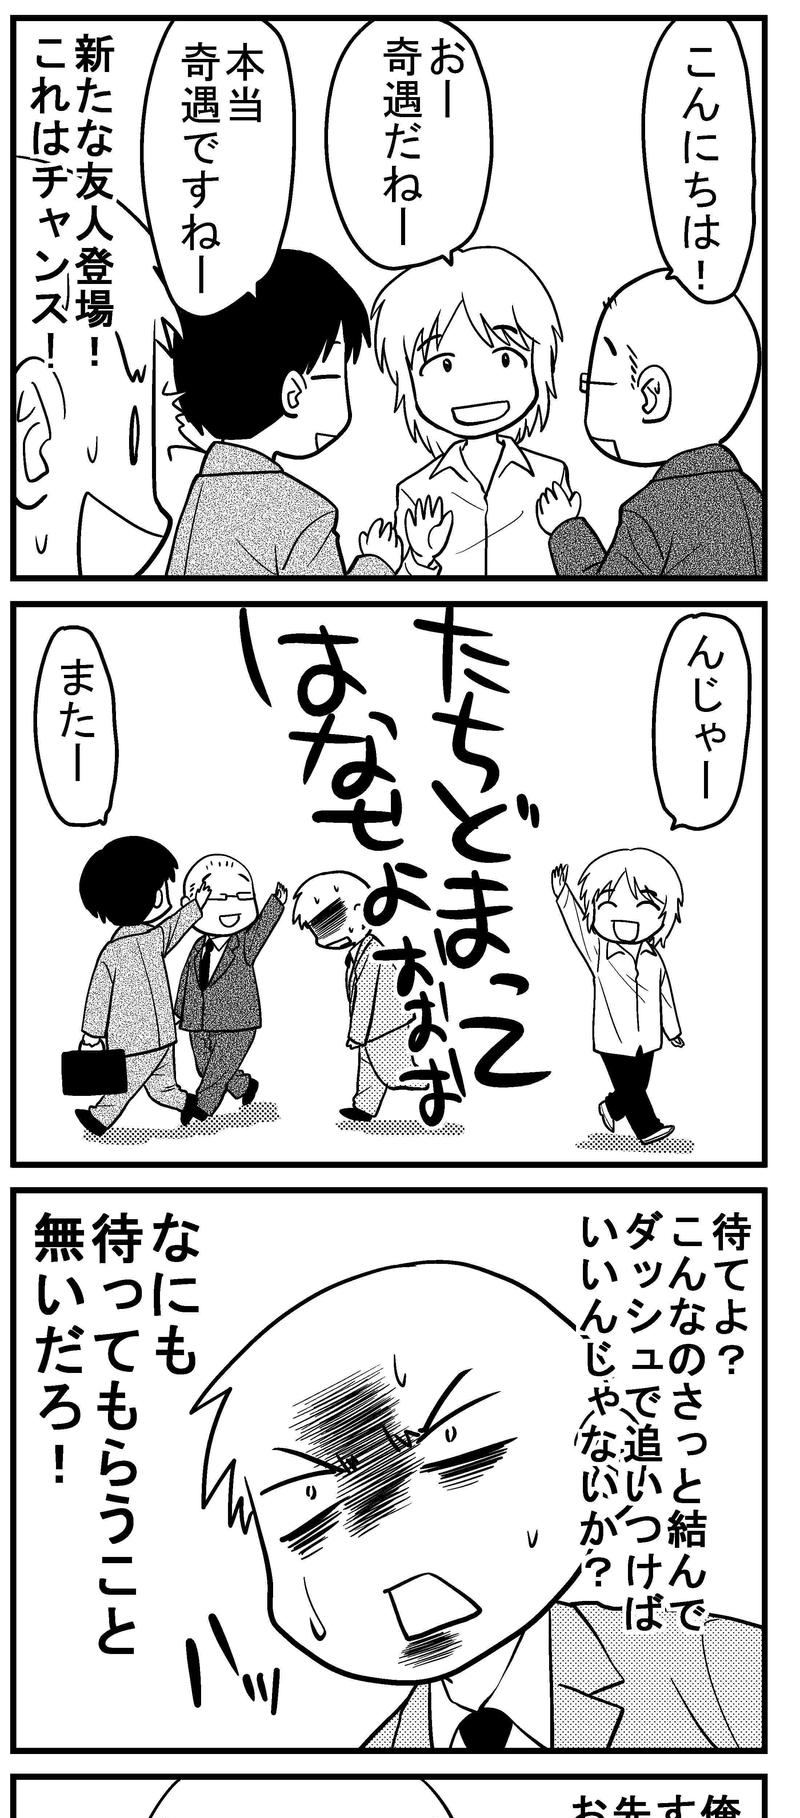 深読みくん 第7話 タイミング!!